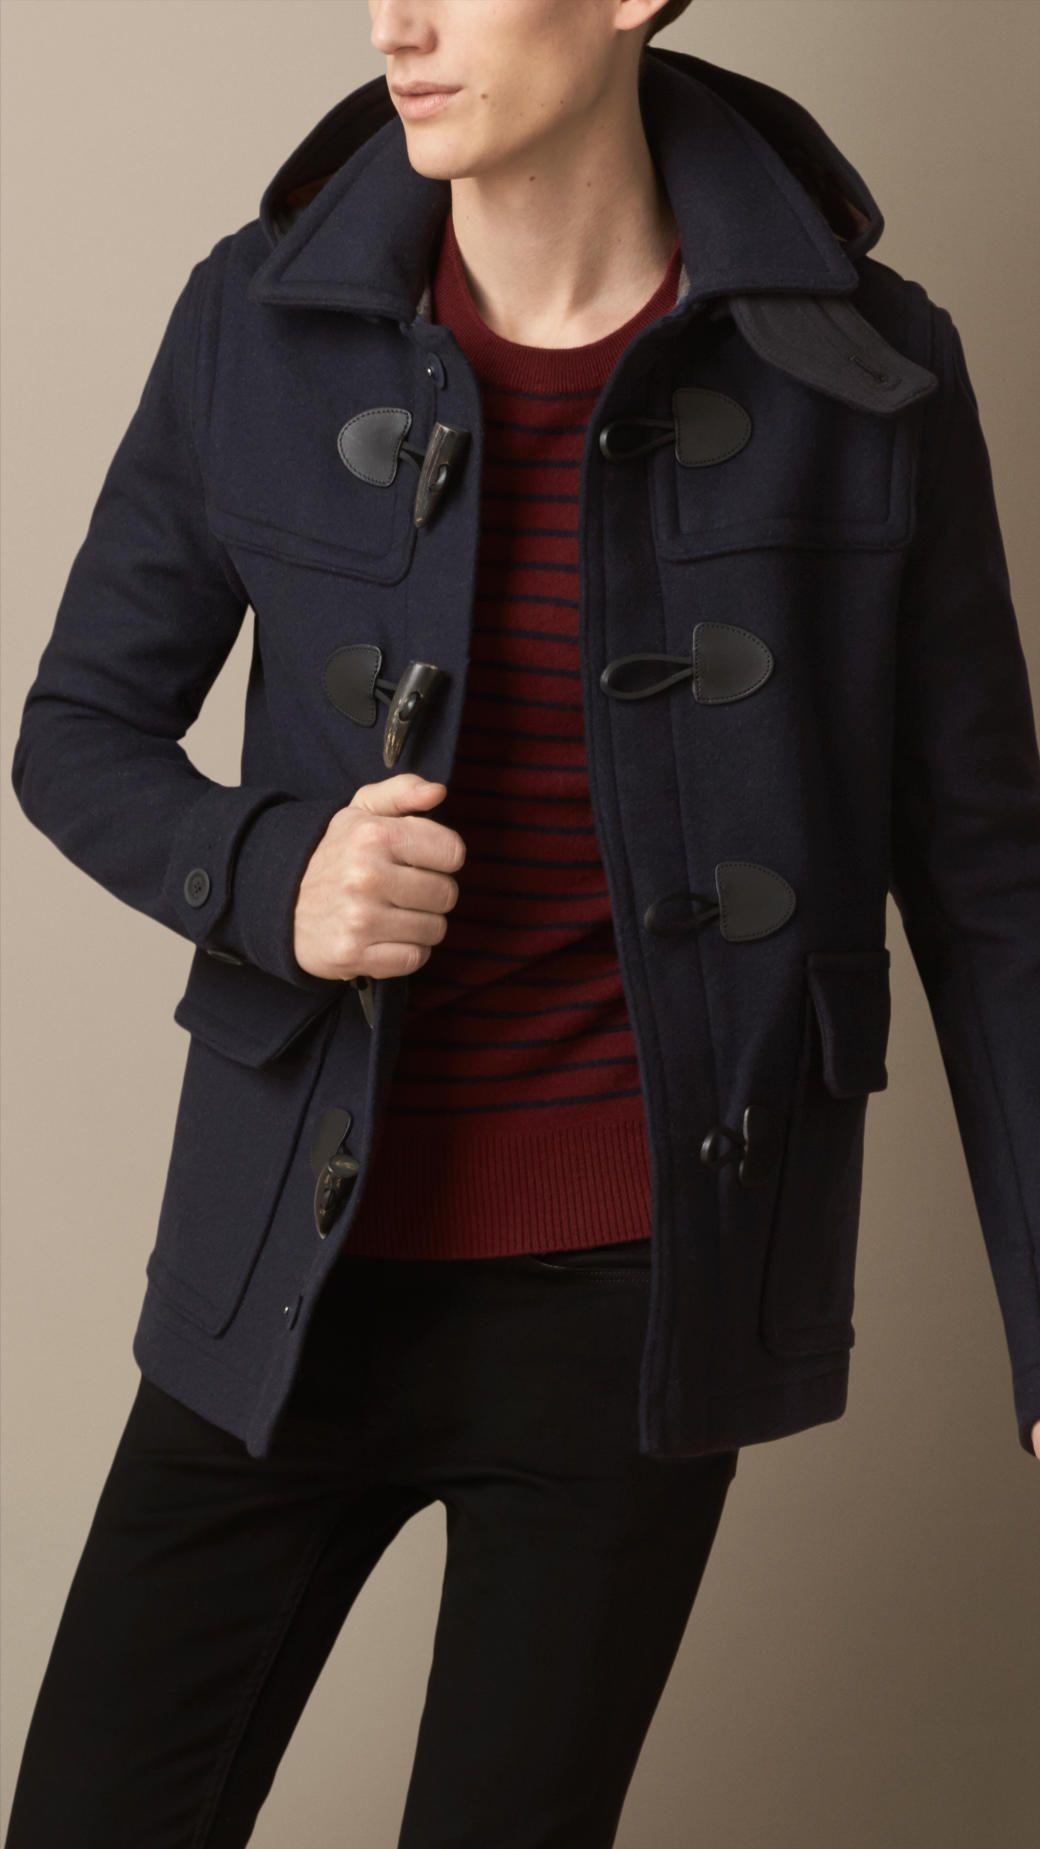 288d9cd03d4d Veste duffle-coat en laine avec capuche amovible   Burberry   My ...